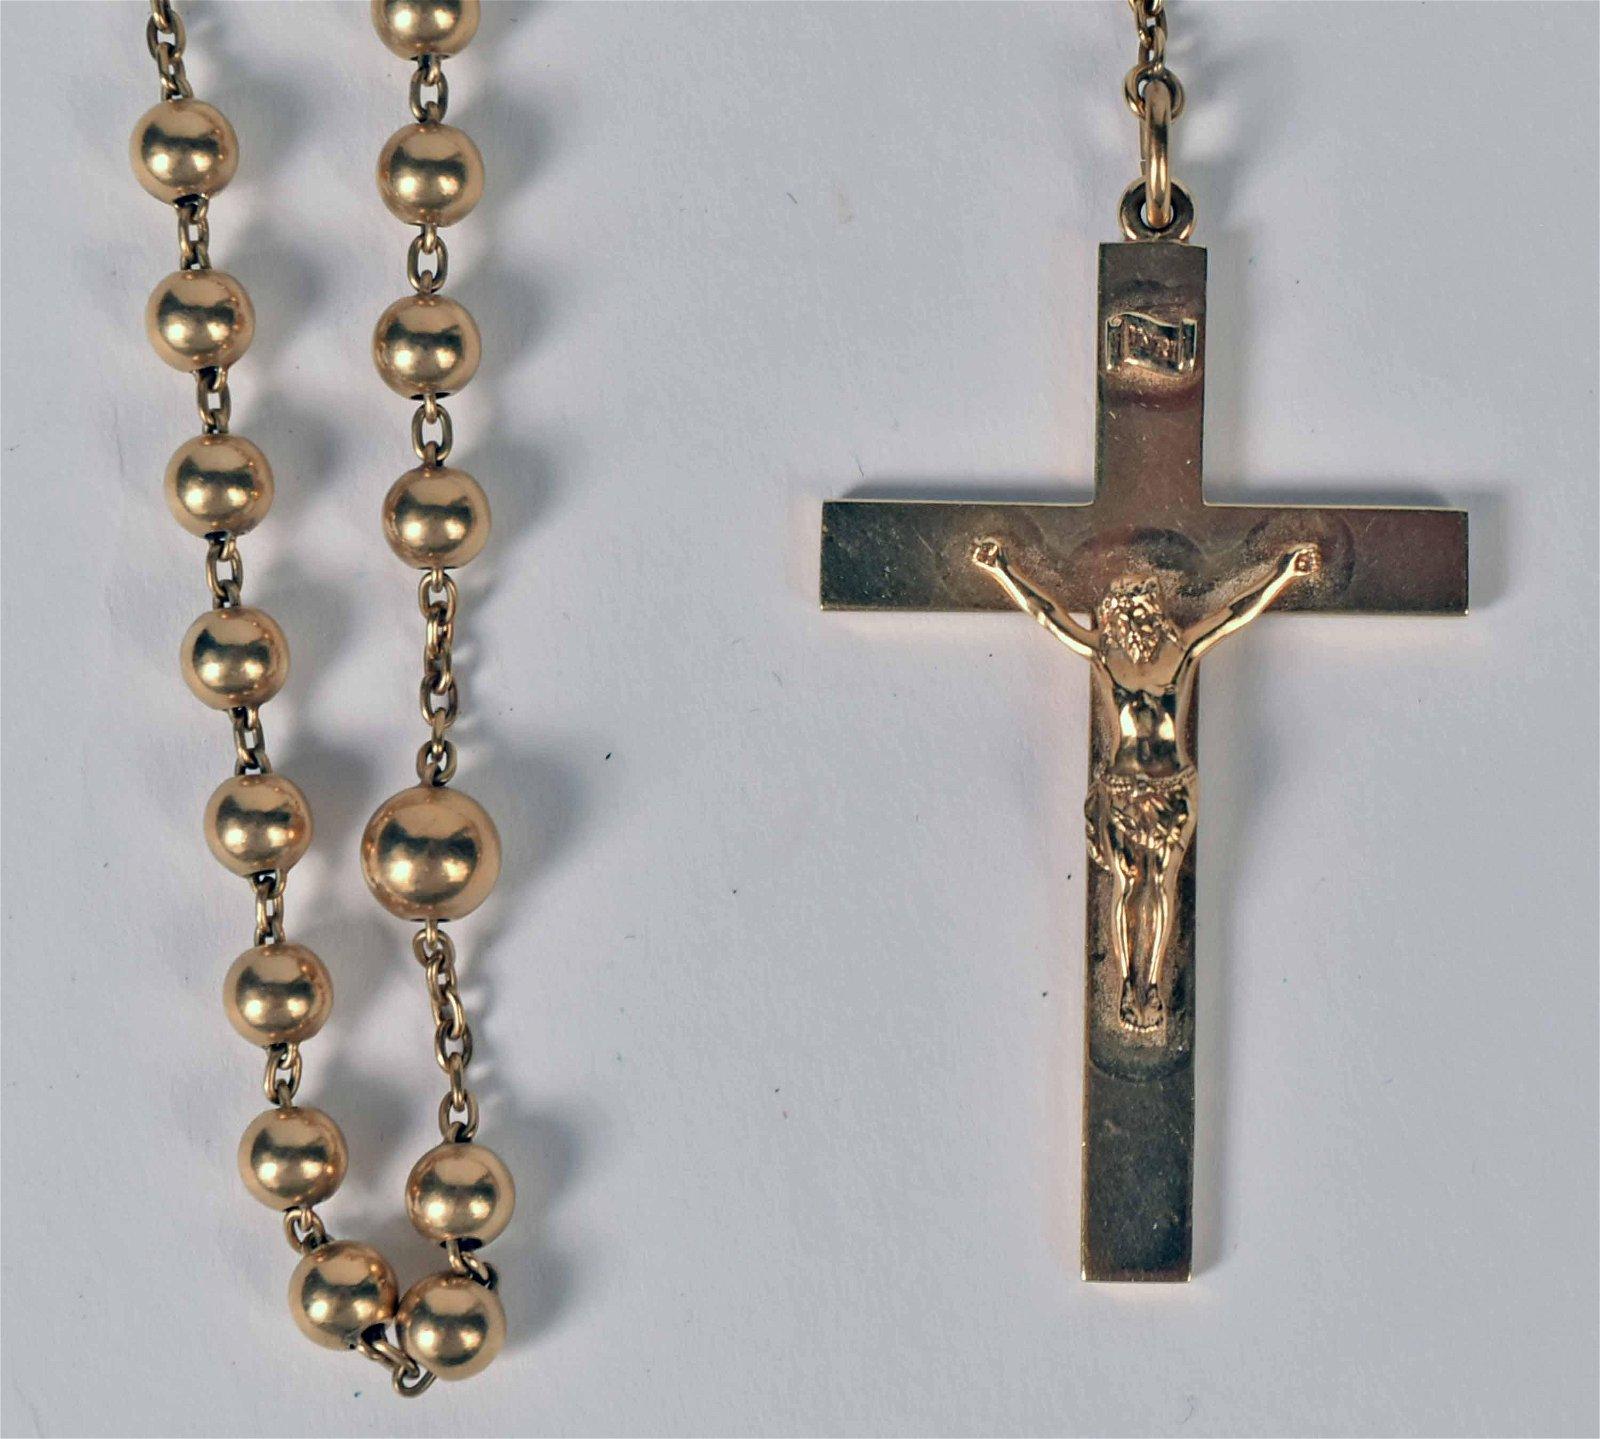 Tiffany & Co 14K Yellow Gold Rosary Beads